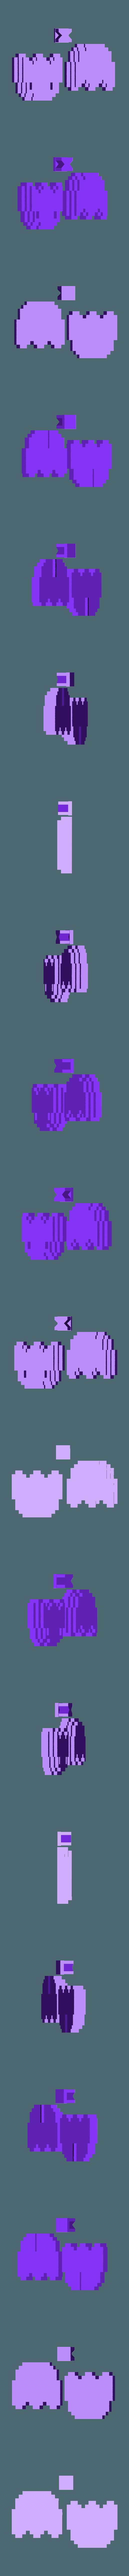 RandomColor-_Ghost.stl Télécharger fichier STL gratuit PacMan 8 bits et fantômes - Pièces séparées (pas besoin de colle) • Design à imprimer en 3D, conceptify